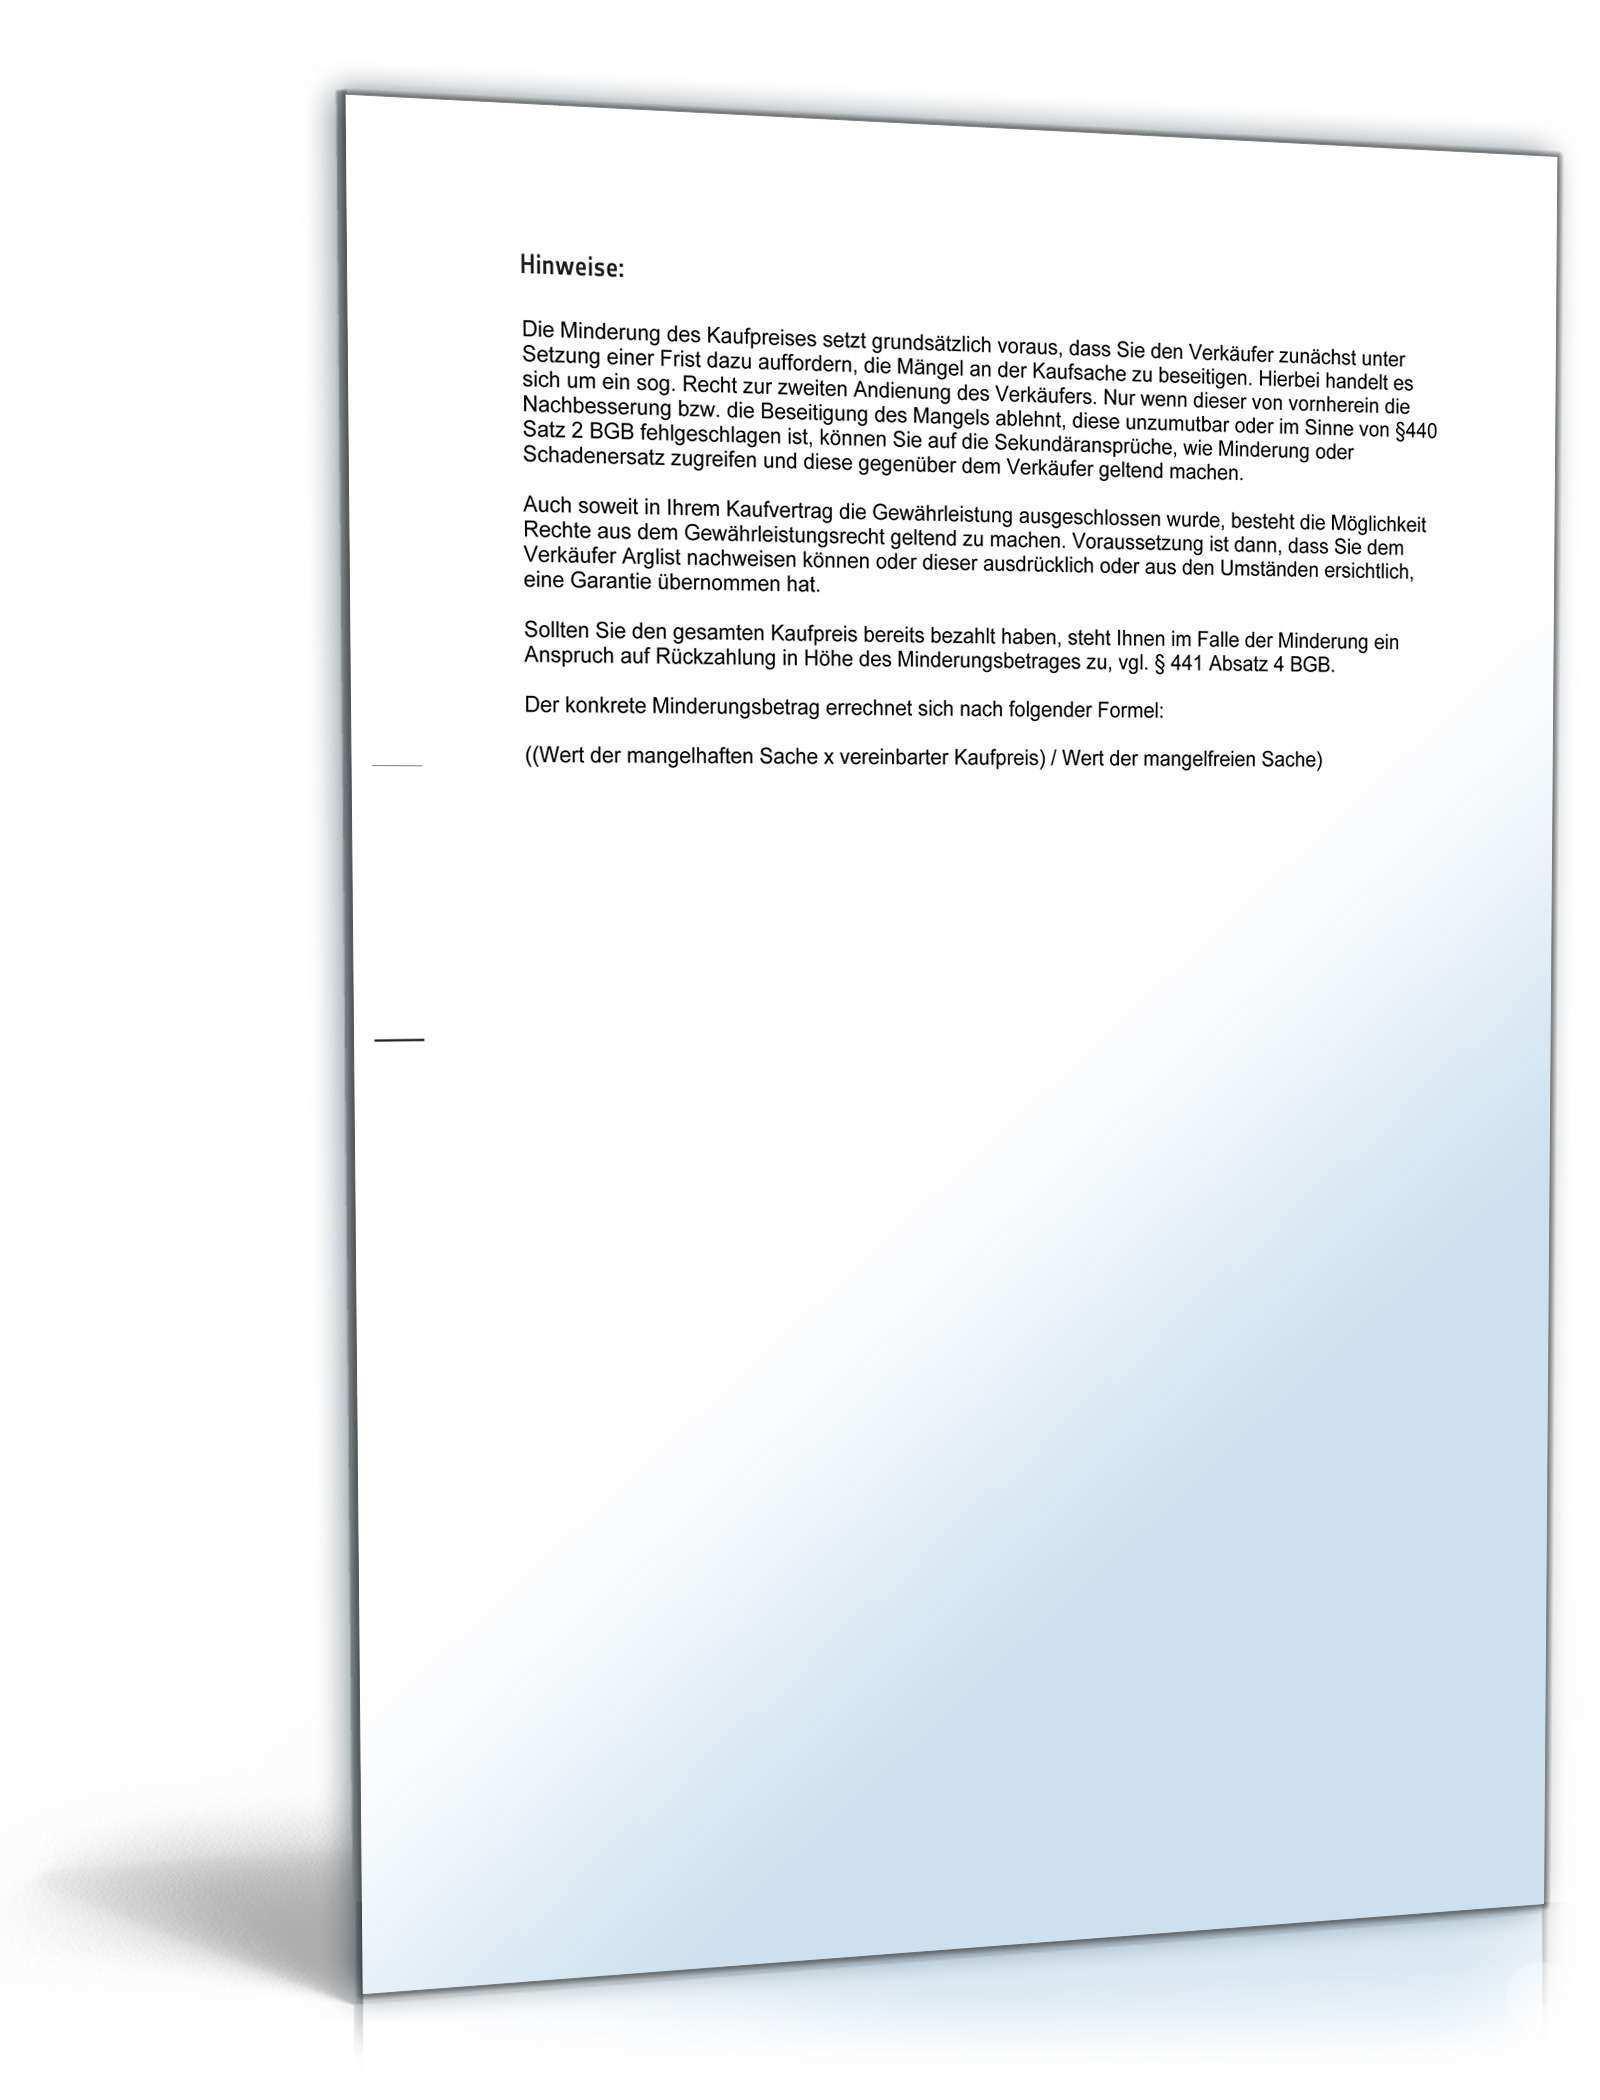 Minderung Gegenuber Verkaufer Muster Vorlage Zum Download